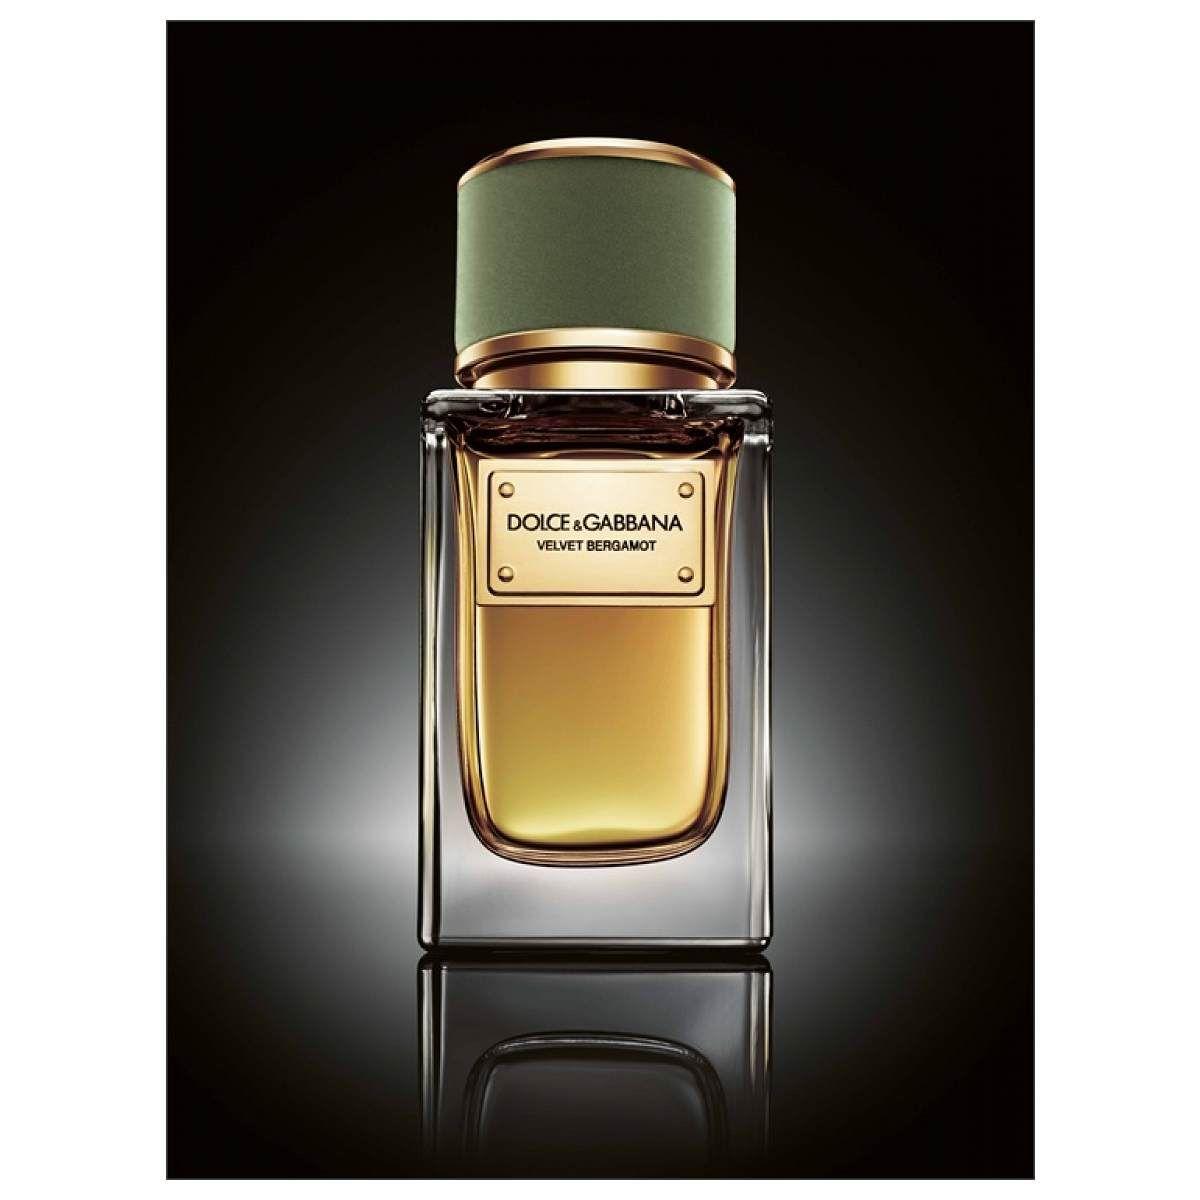 Bergamot Dolceamp; Velvet 1 Oz Parfum De Gabbana Spray Eau 7 Y76ybgf